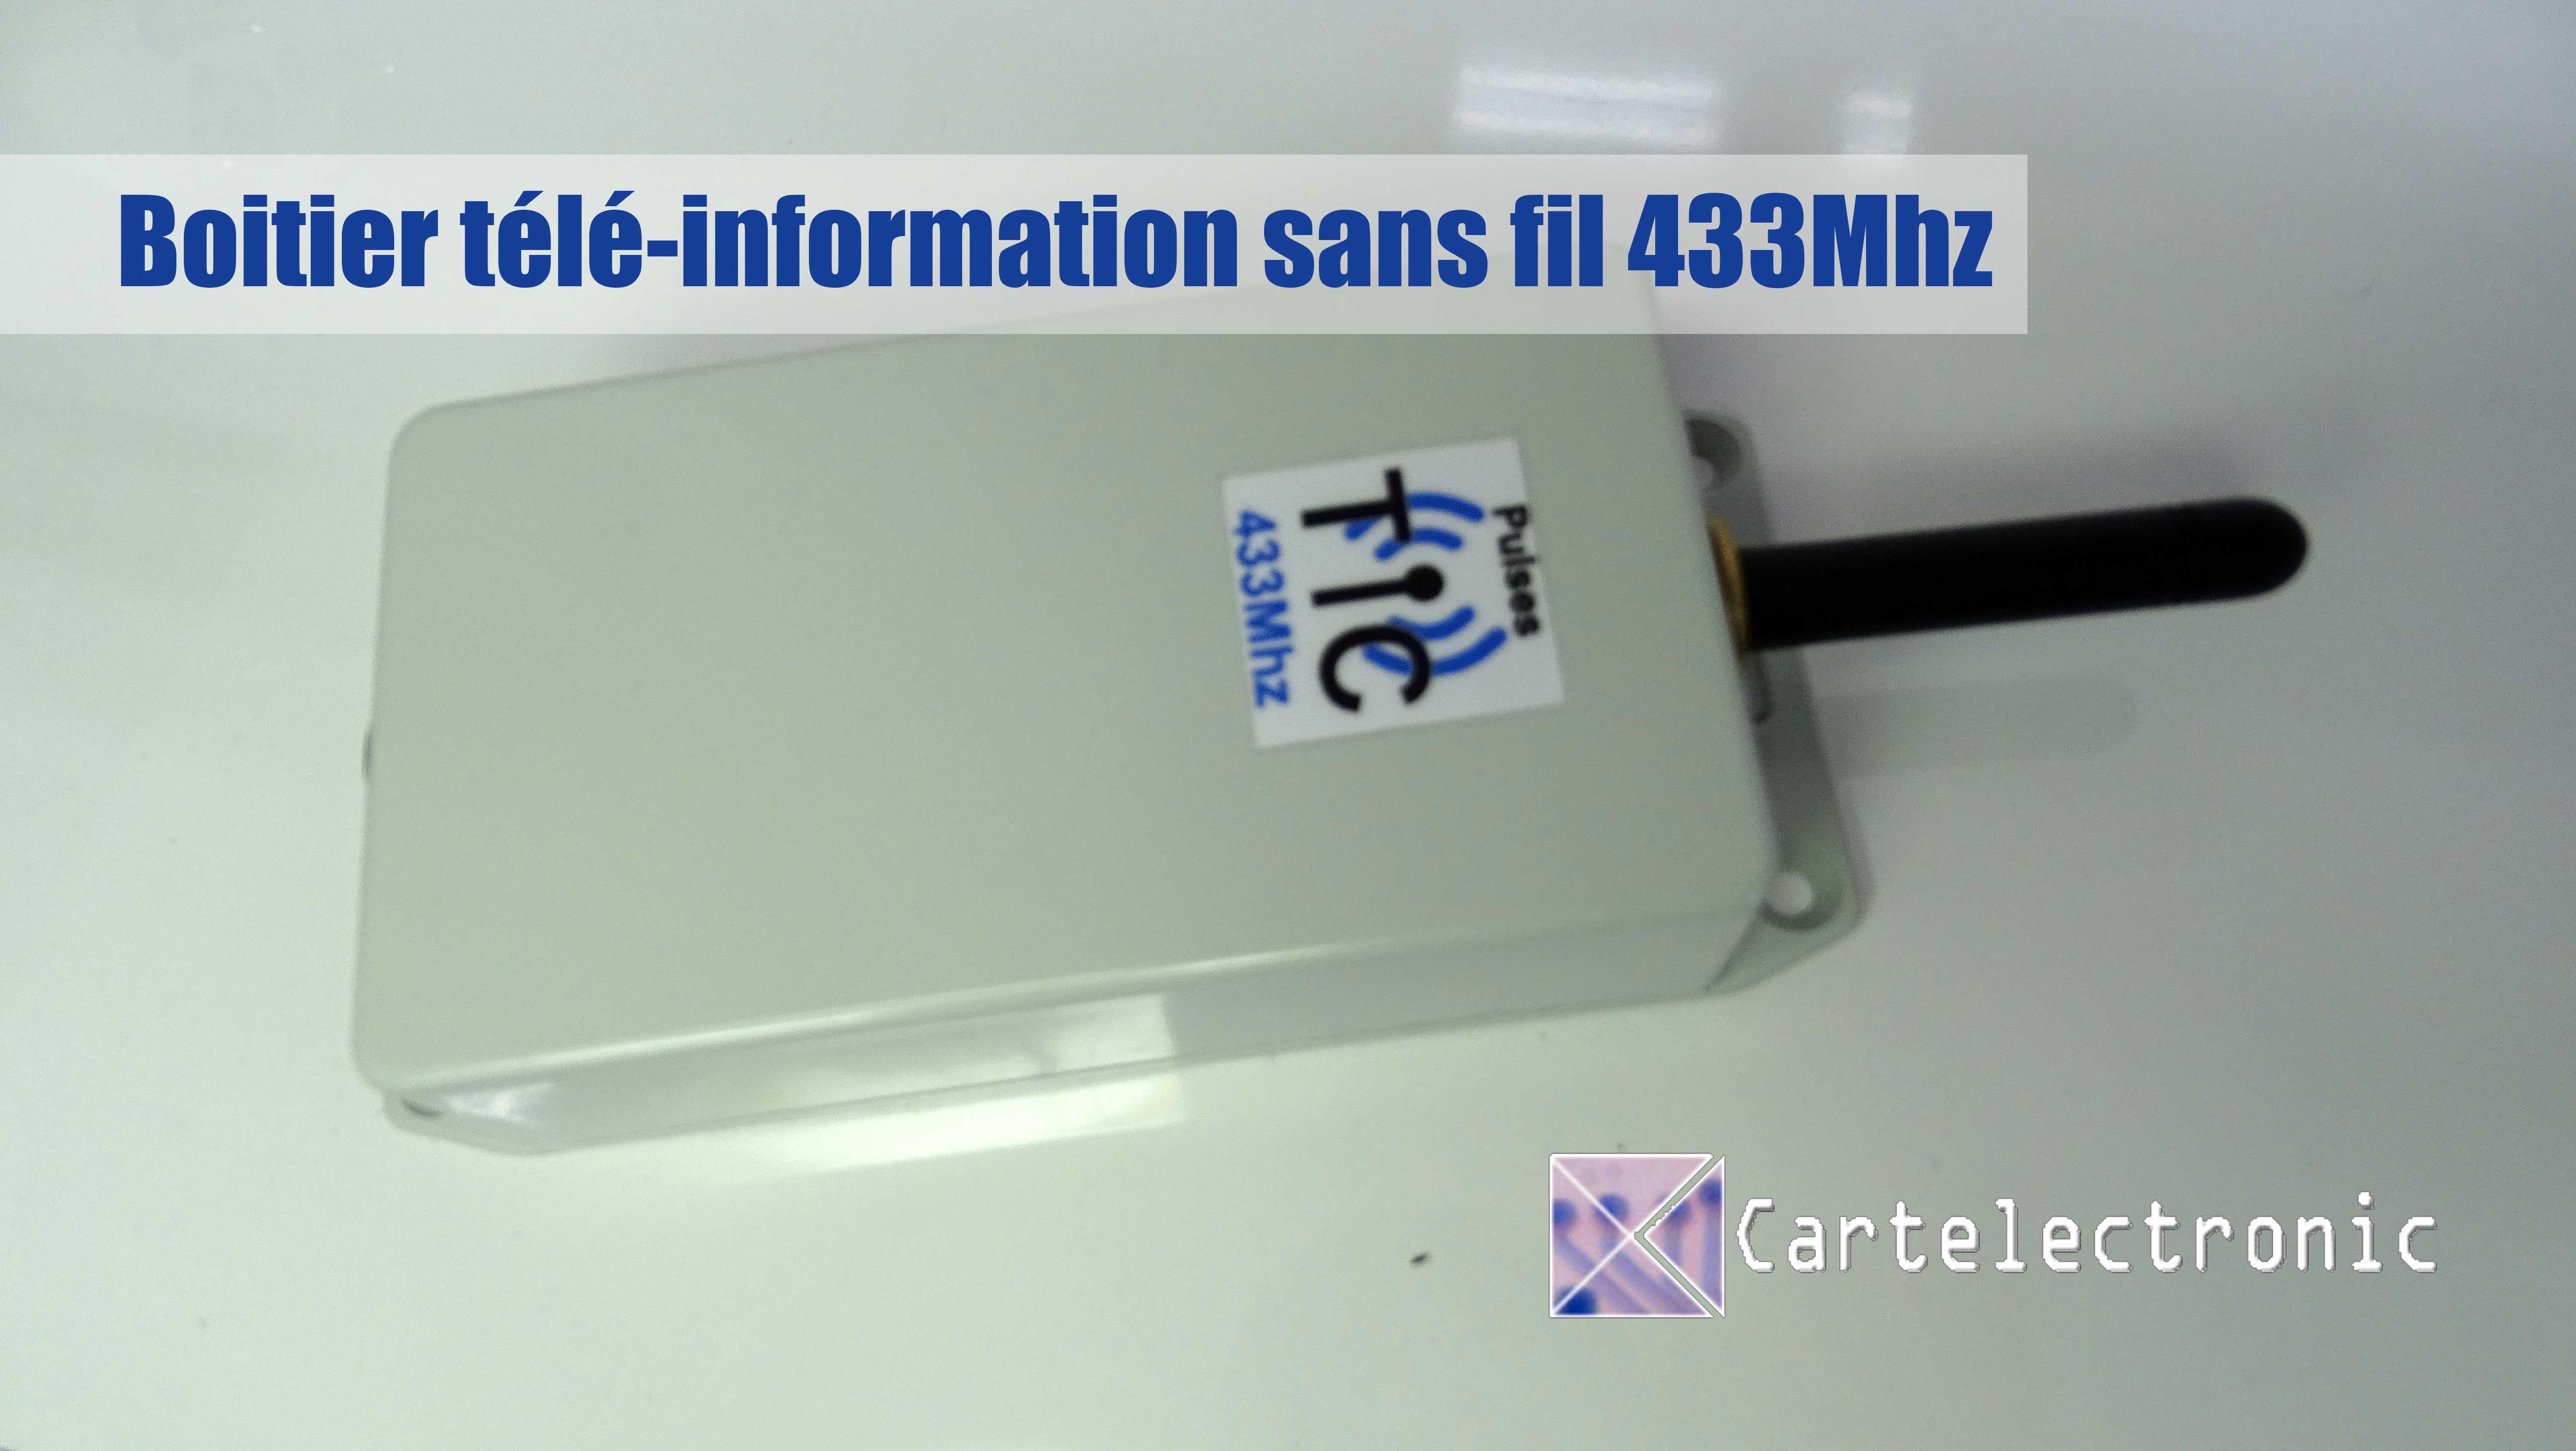 Installation et configuration télé-information 433mhz de Cartelectronic